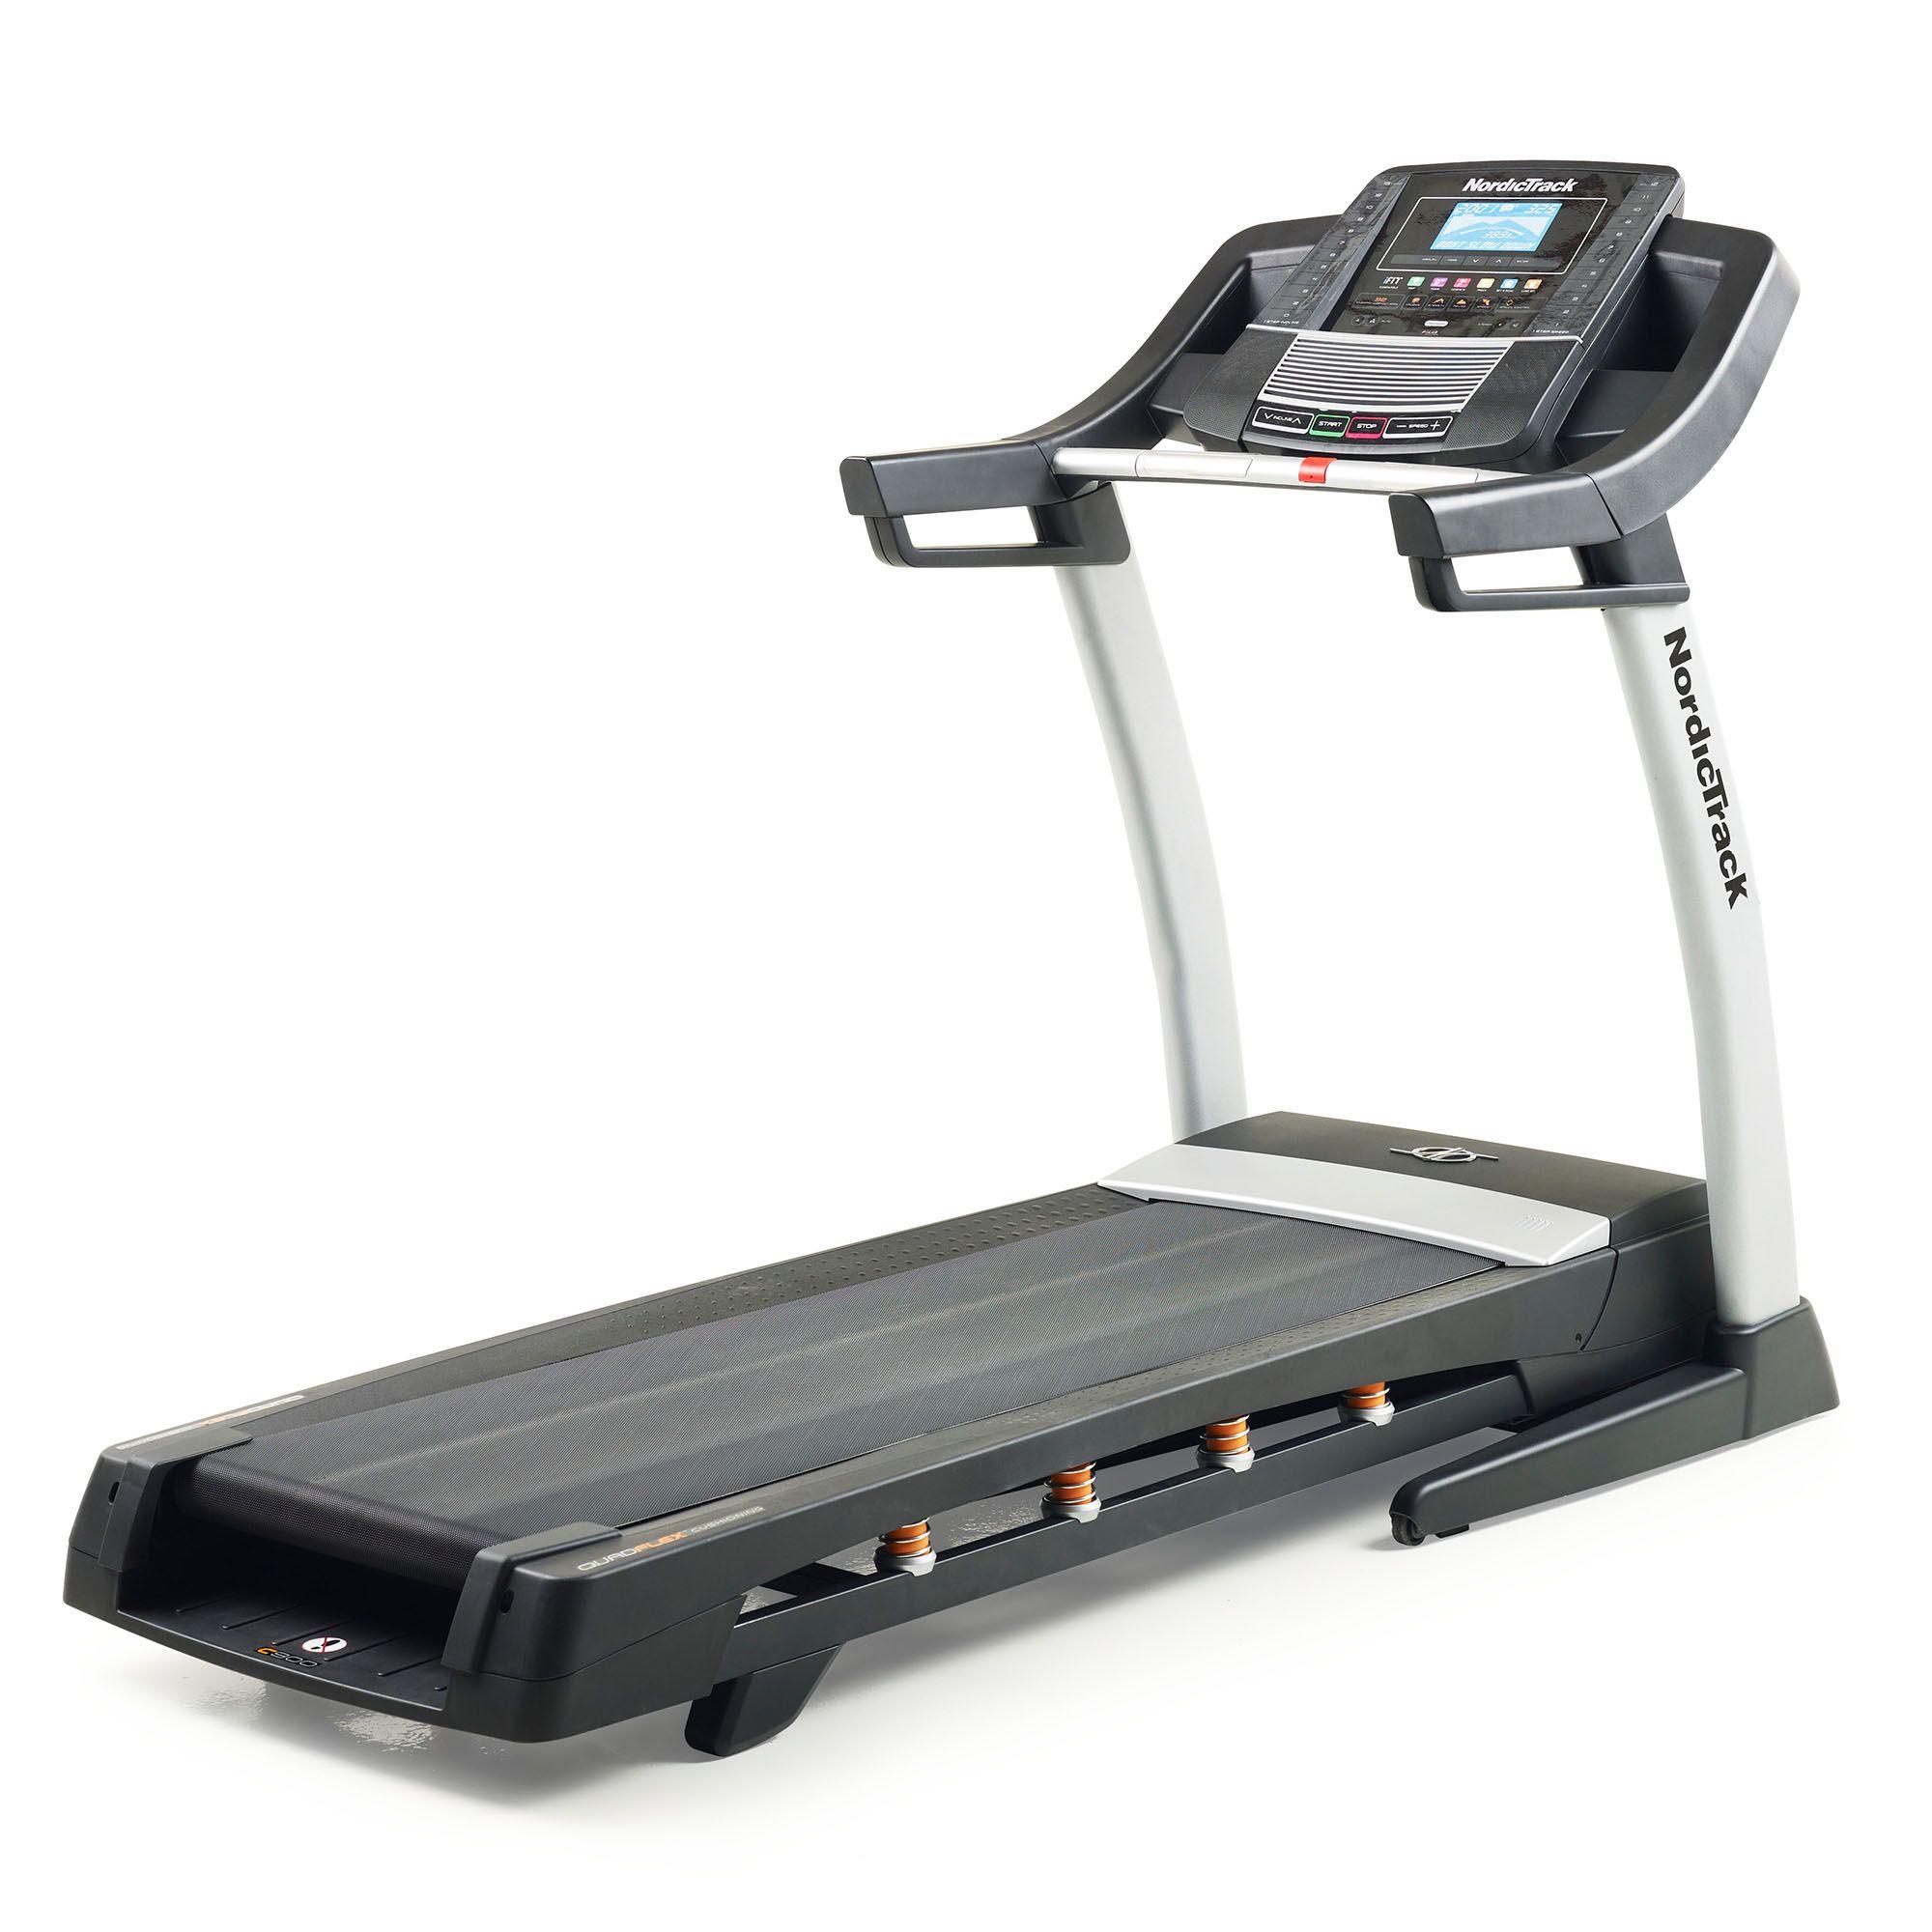 Commercial 1750 Treadmill Assembly: Treadmill: Nordictrack Treadmill Manual